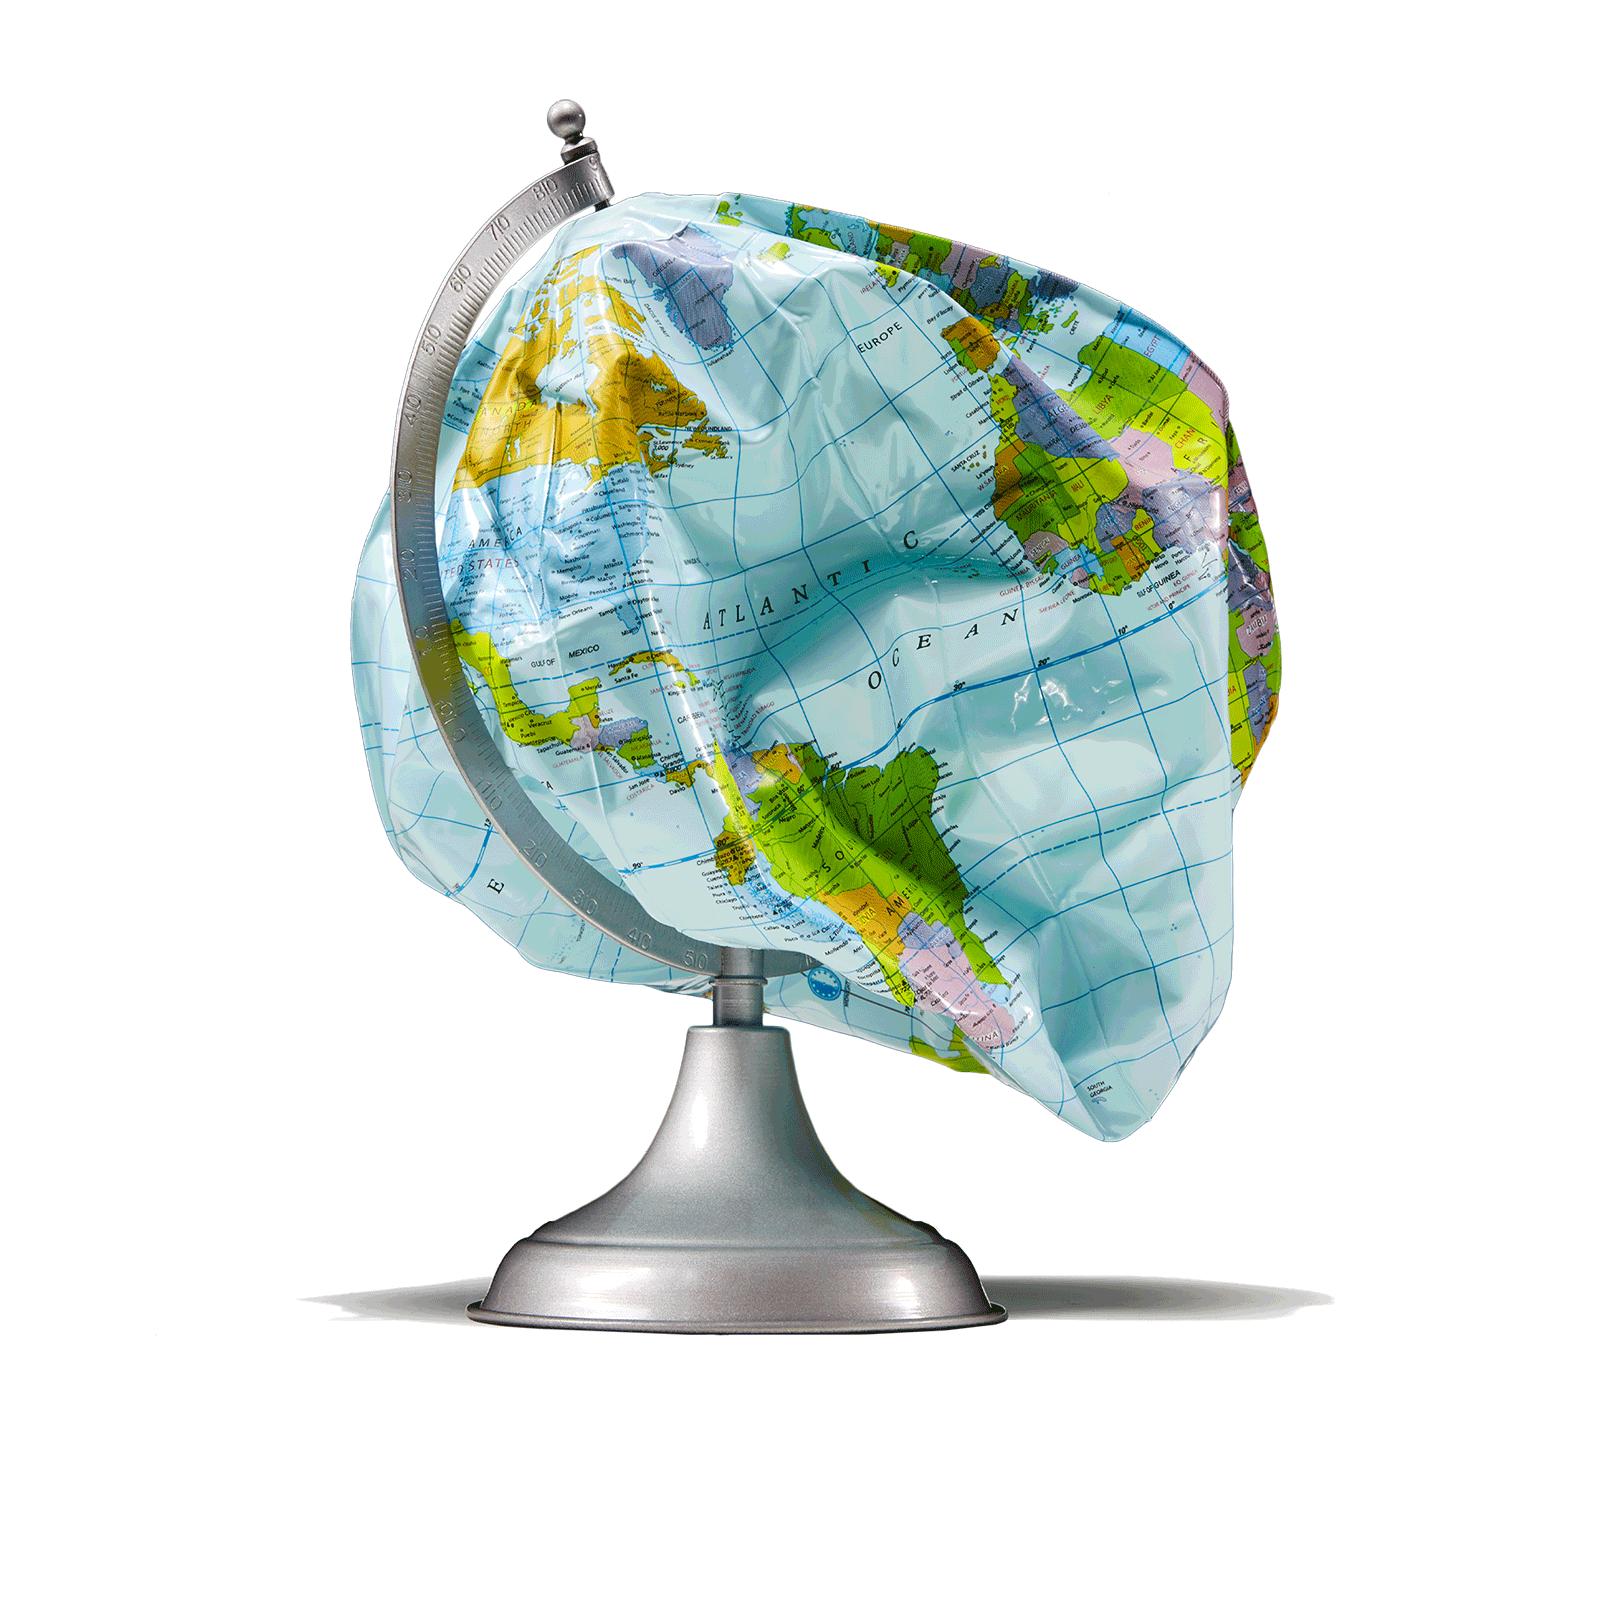 A deflated globe